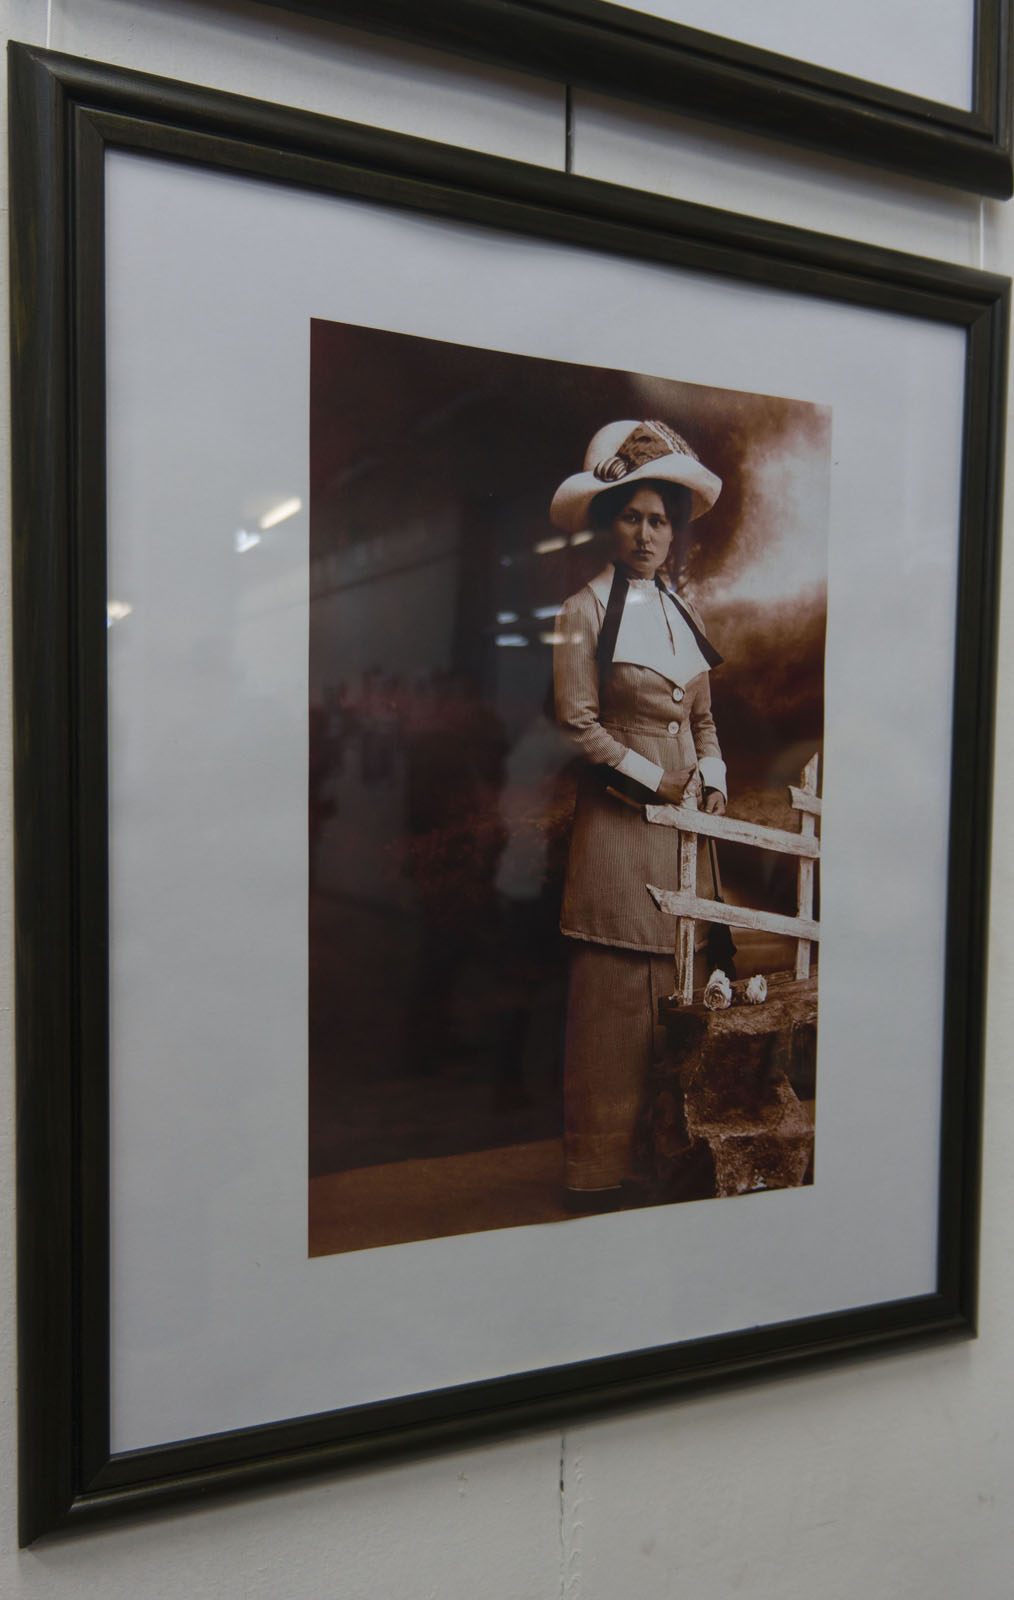 Фото №73192. Источникова Елизавета Константиновна. Съемка 1910-1914